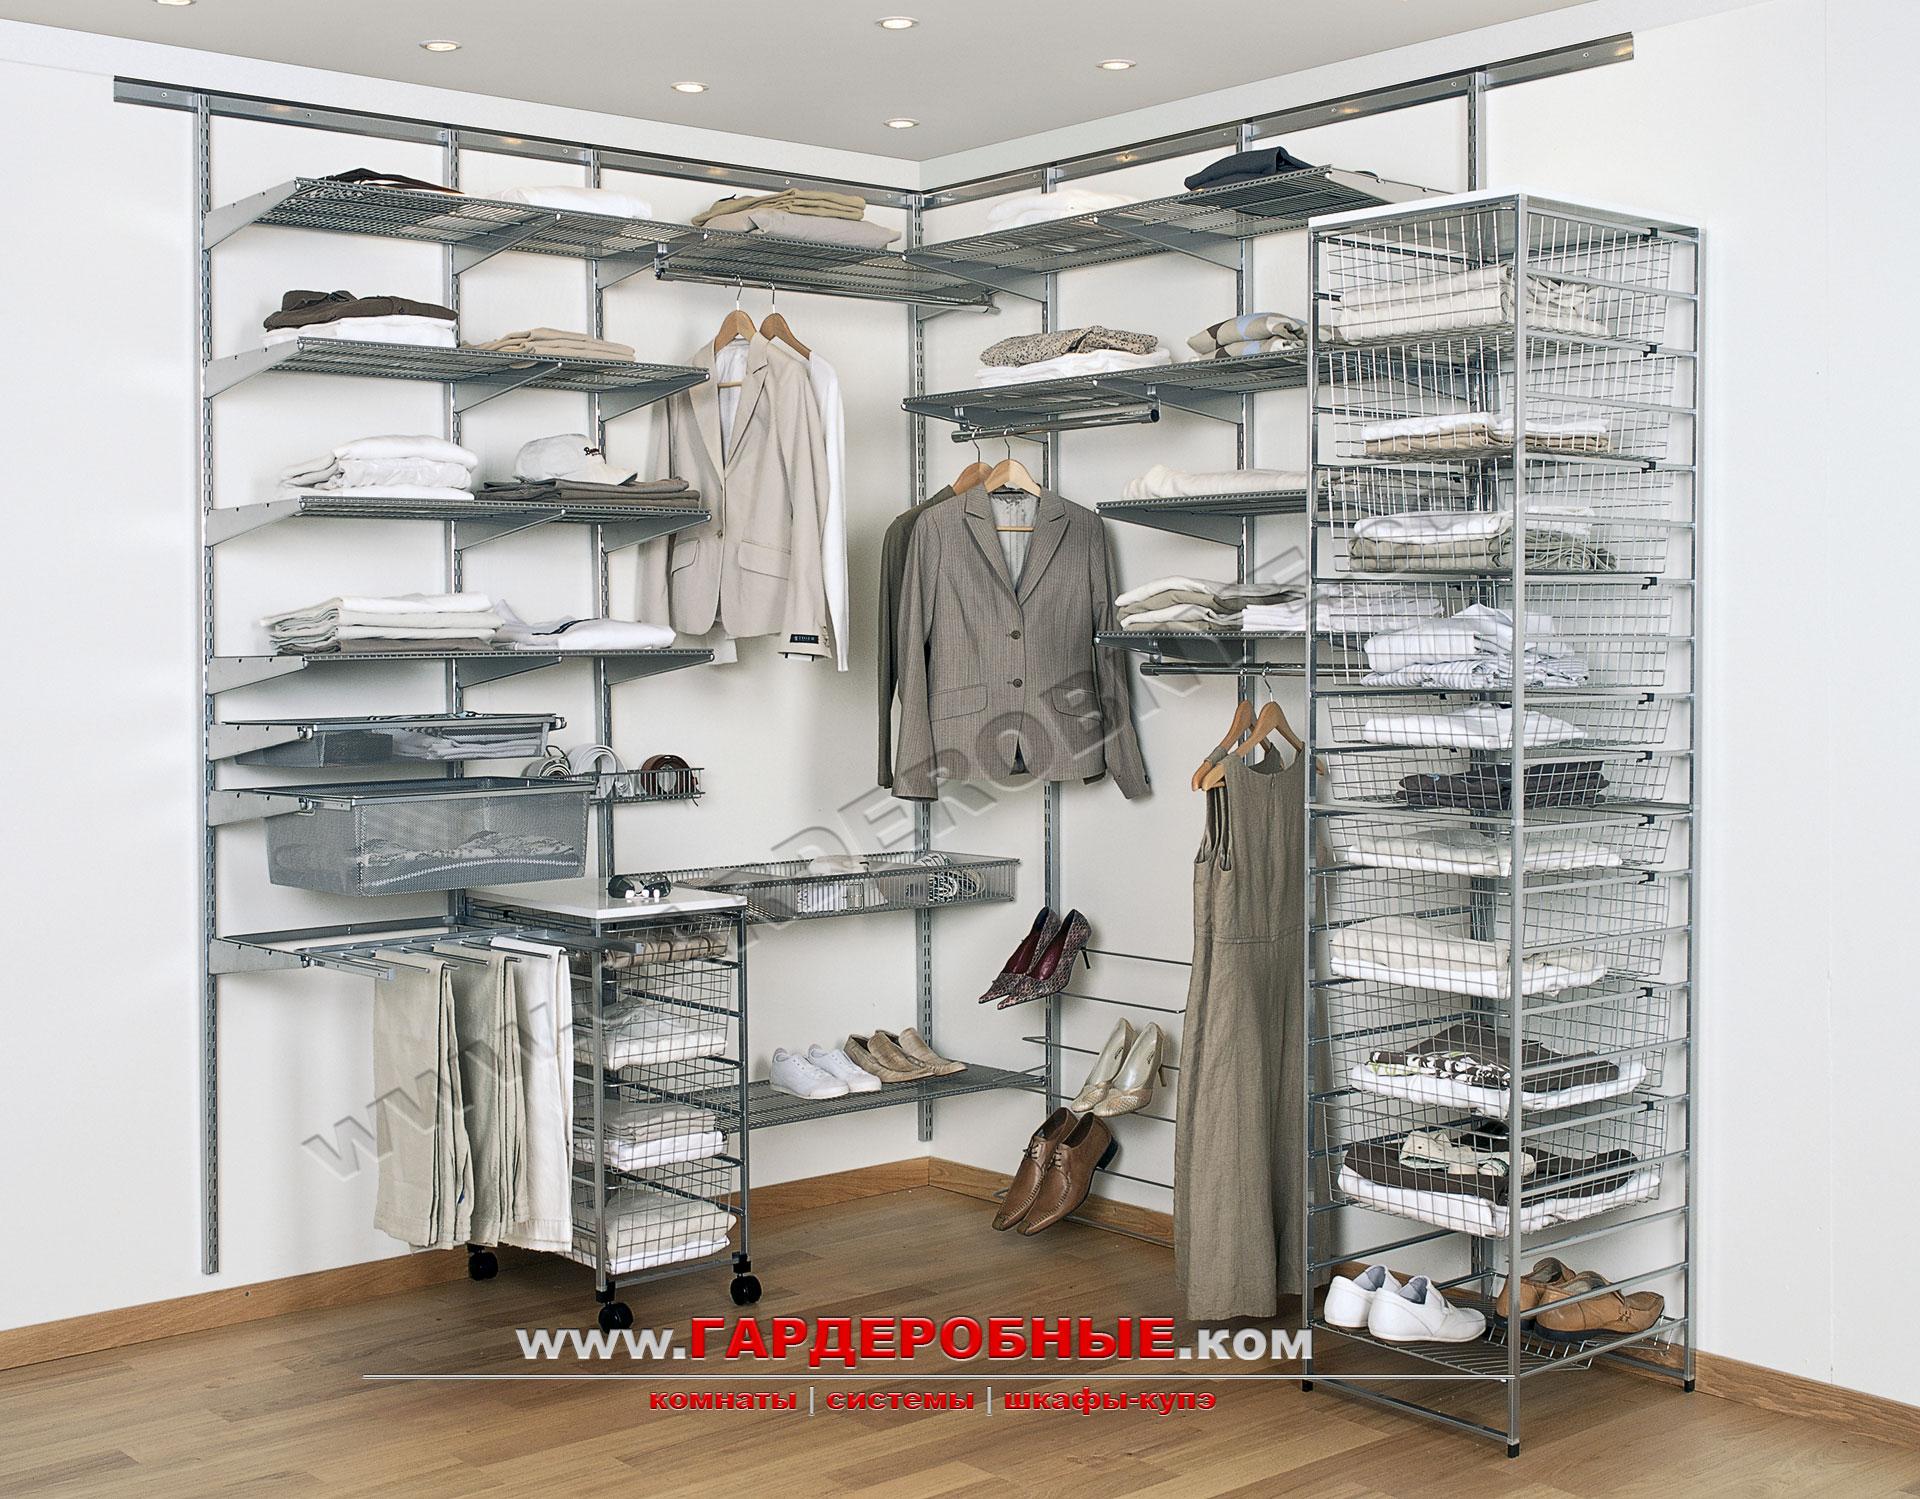 Гардеробные комнаты в казани цены - гардеробная система elfa.